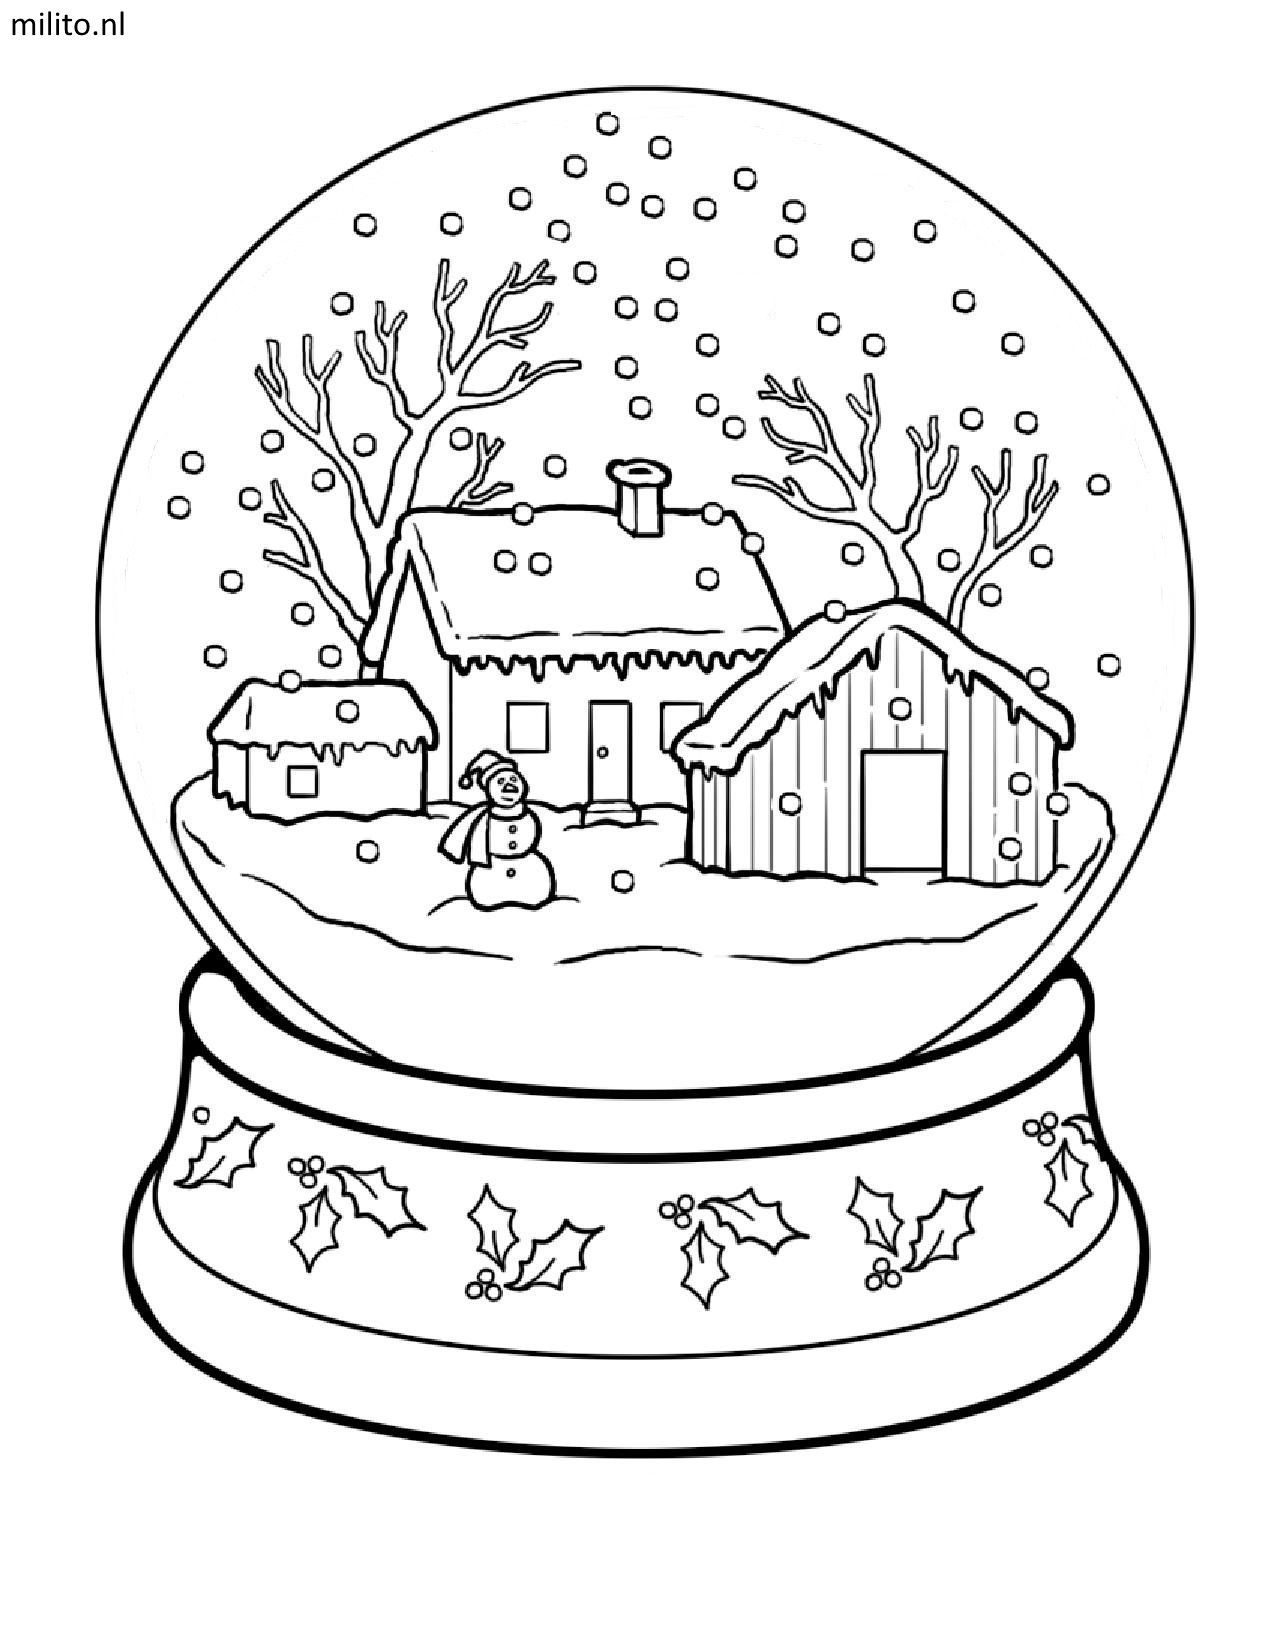 Kleurplaat Kerst 2 Milito Nl Idee Kleurplaten Kerstman 20 Idee